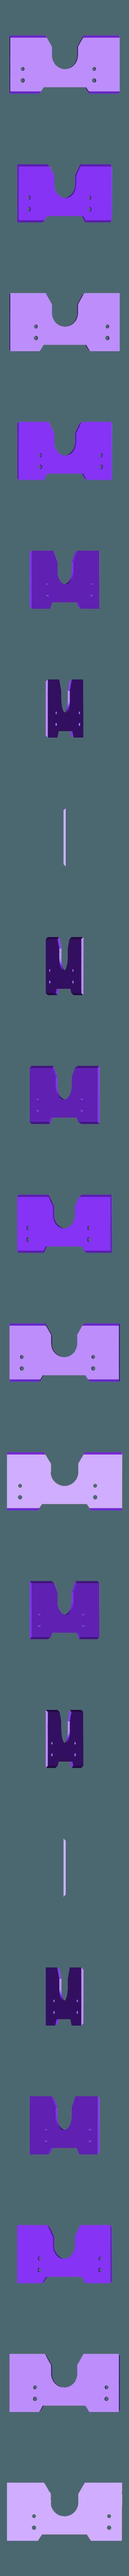 E3D_Mount_v4-2_FLEX_TOP.STL Télécharger fichier STL gratuit Montage de l'extrudeuse à réservoir (RigidBot, E3Dv6, Printrbot Gear Head) • Plan imprimable en 3D, WalterHsiao